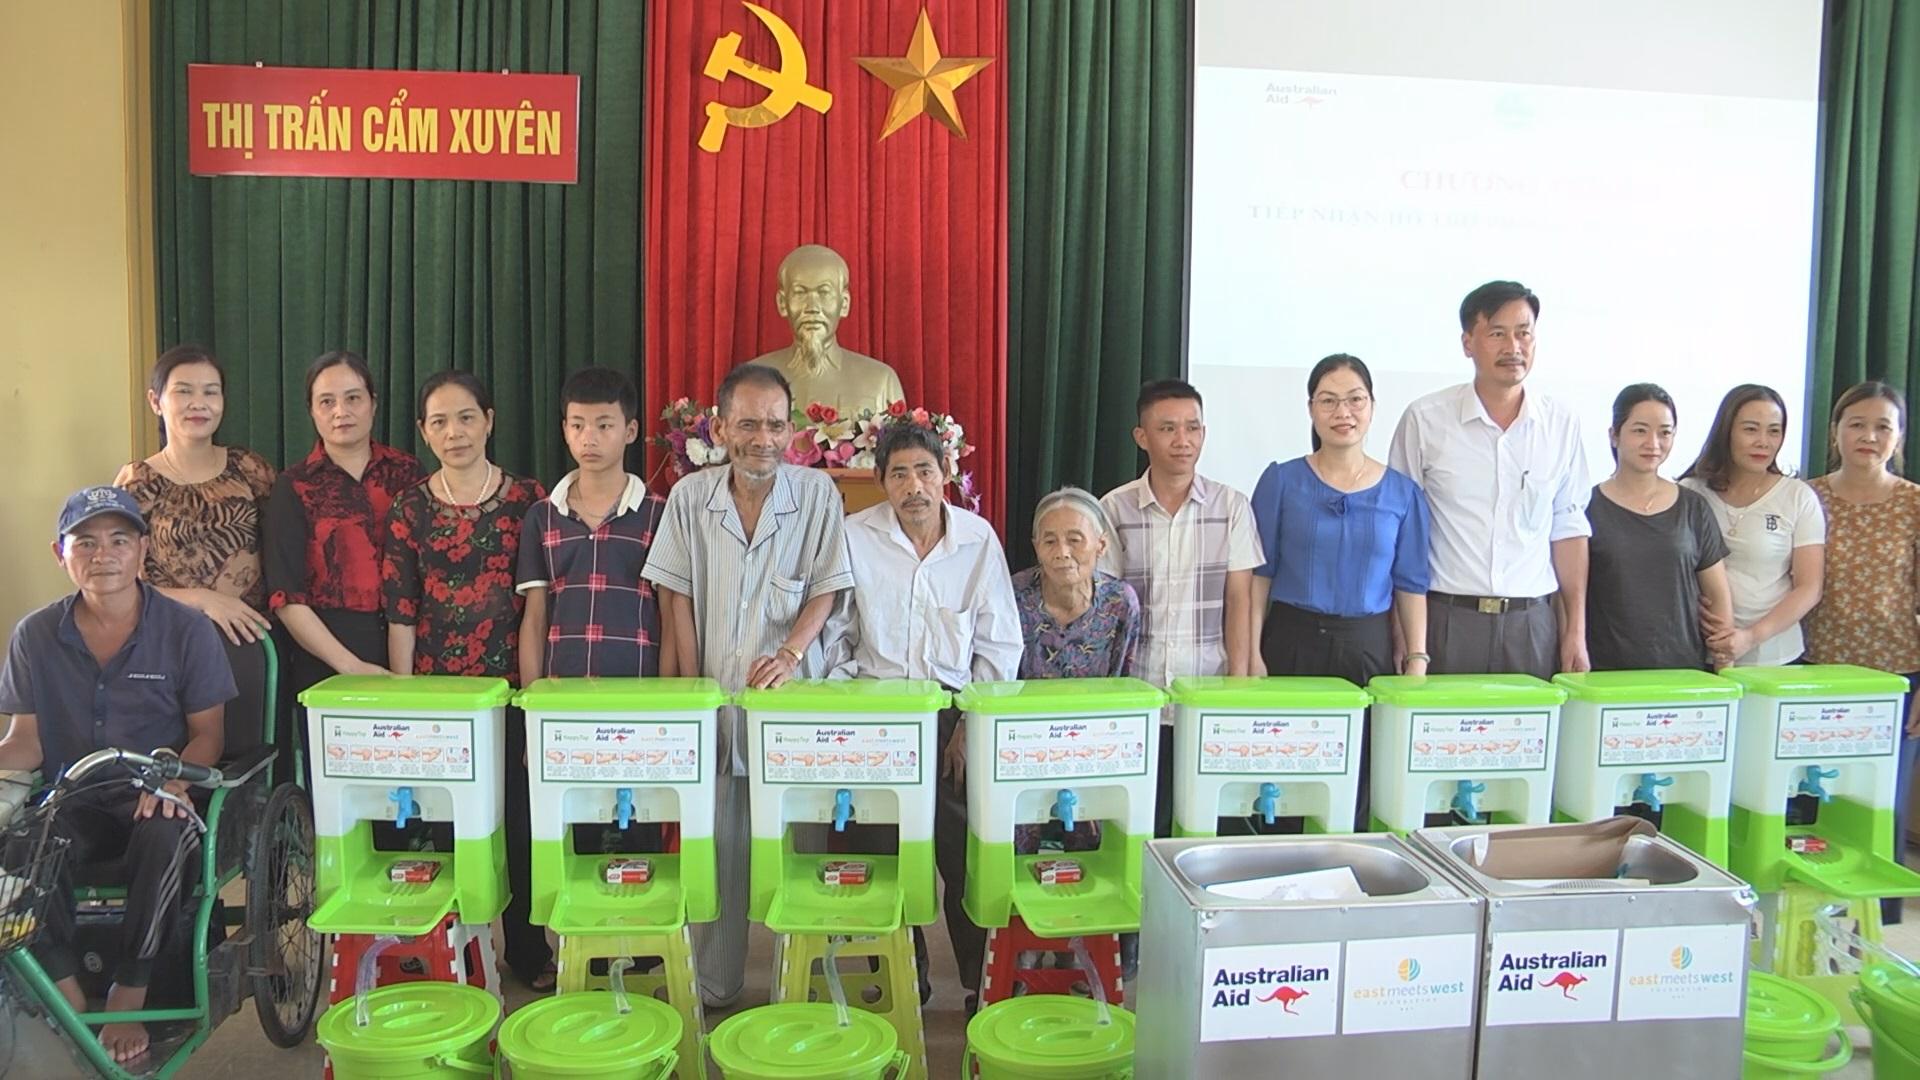 Hội LHPN huyện Cẩm Xuyên trao tặng thiết bị rửa tay bằng nhựa các Trường Mầm non, Trạm y tế, hộ nghèo